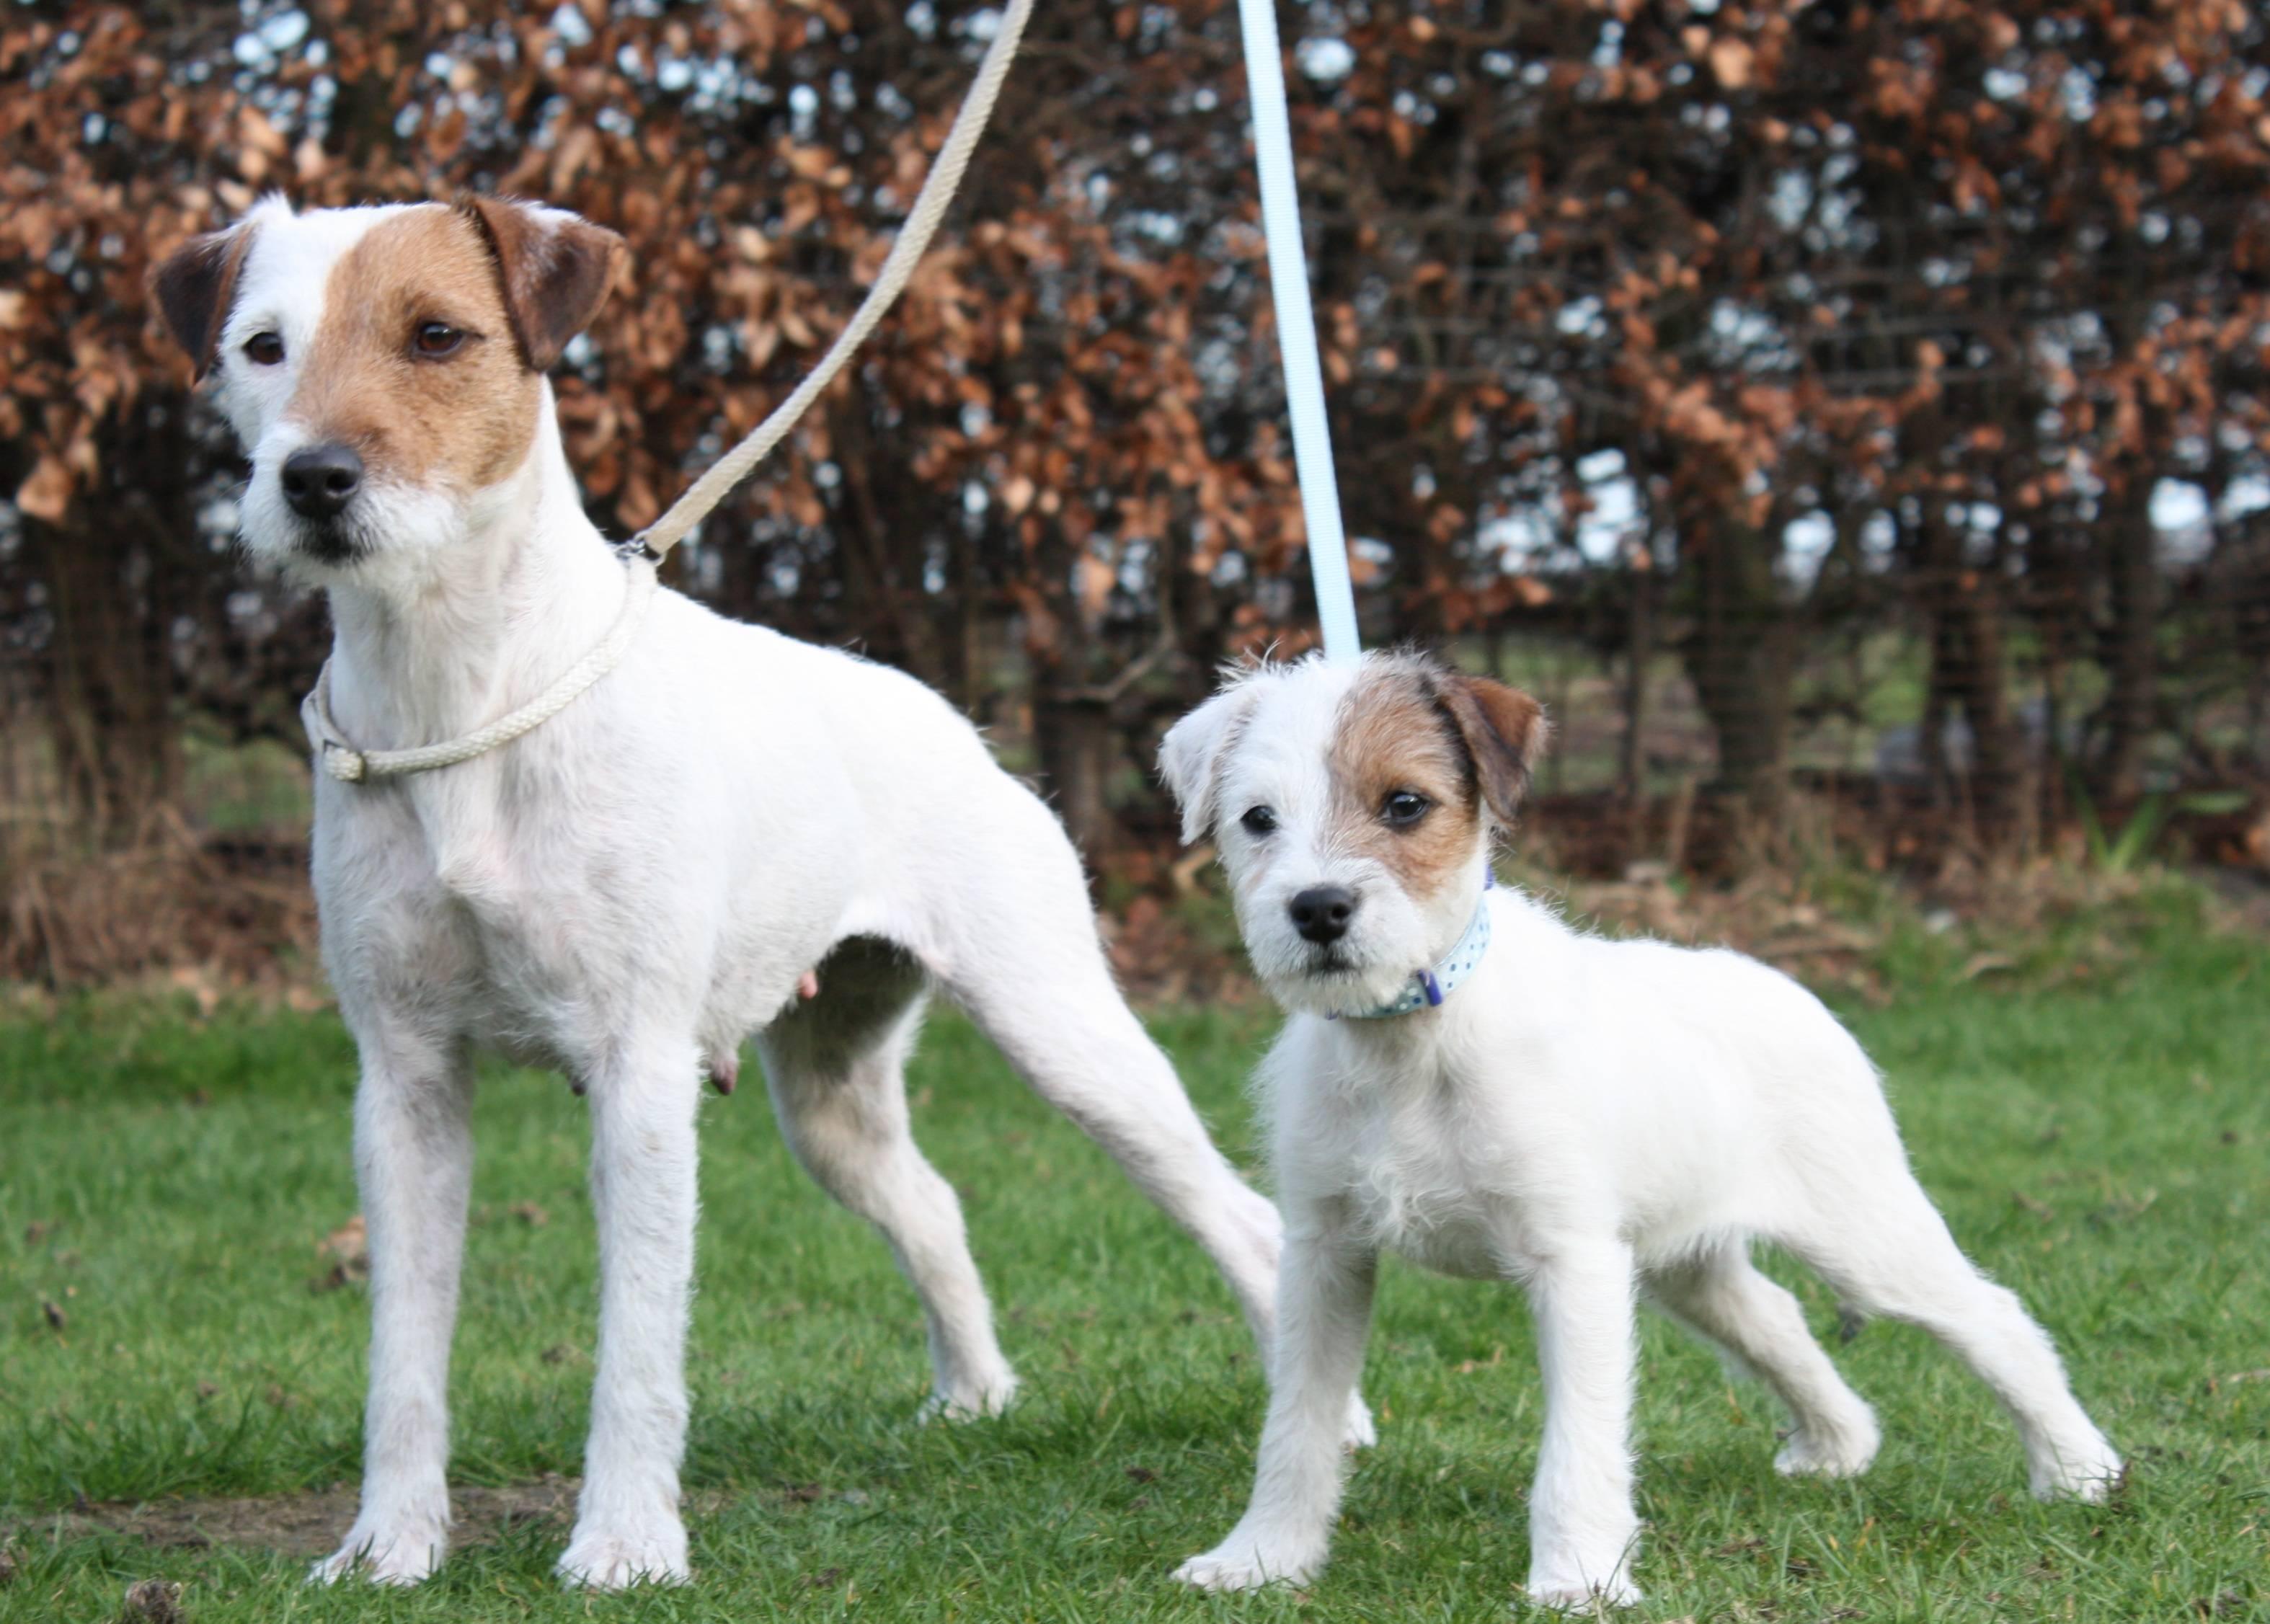 Джек-рассел-парсон-терьер: как выглядит собака на фото и какой у нее характер, а также как правильно воспитывать питомца